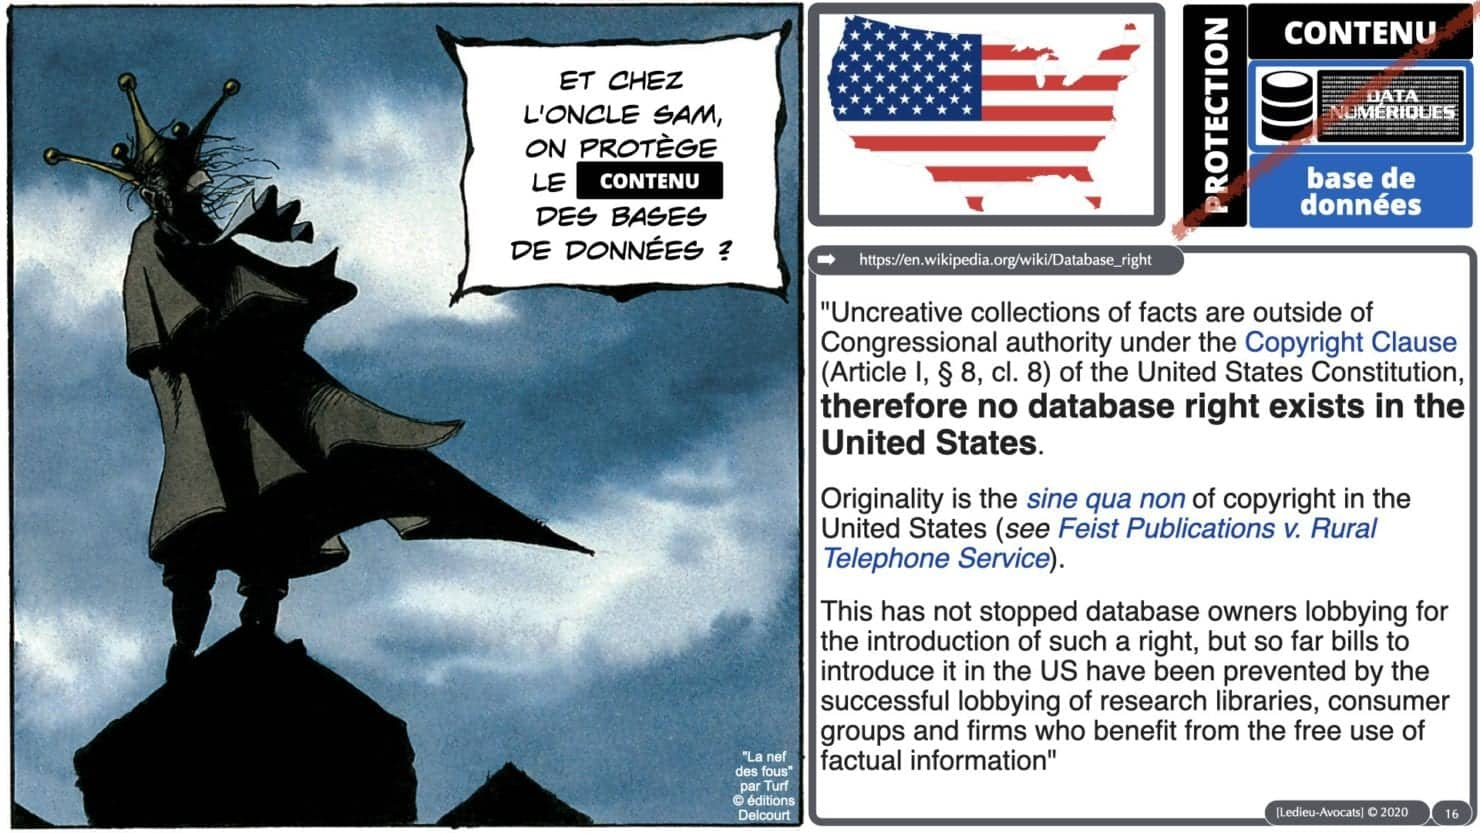 bases de données UE vs USA